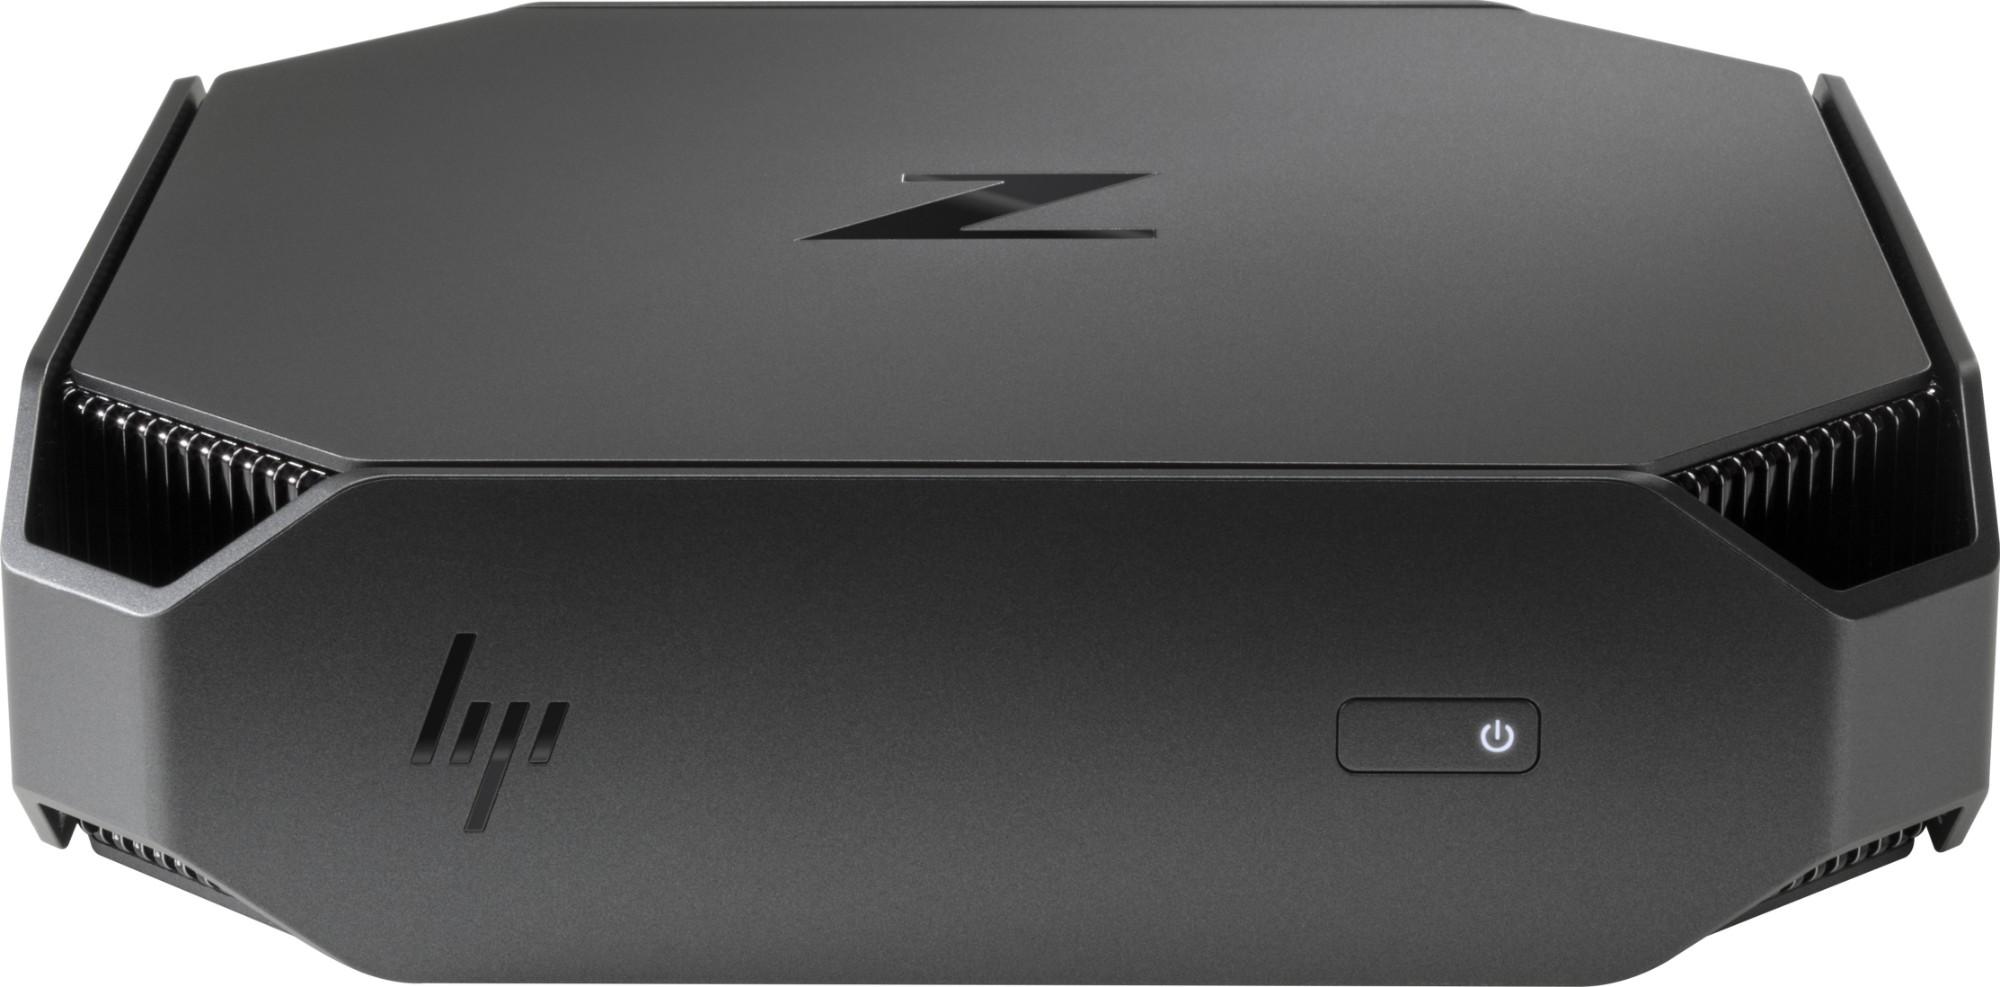 Workstation Z2 Mini i7-6700 / 8GB 1TB Win10 Pro